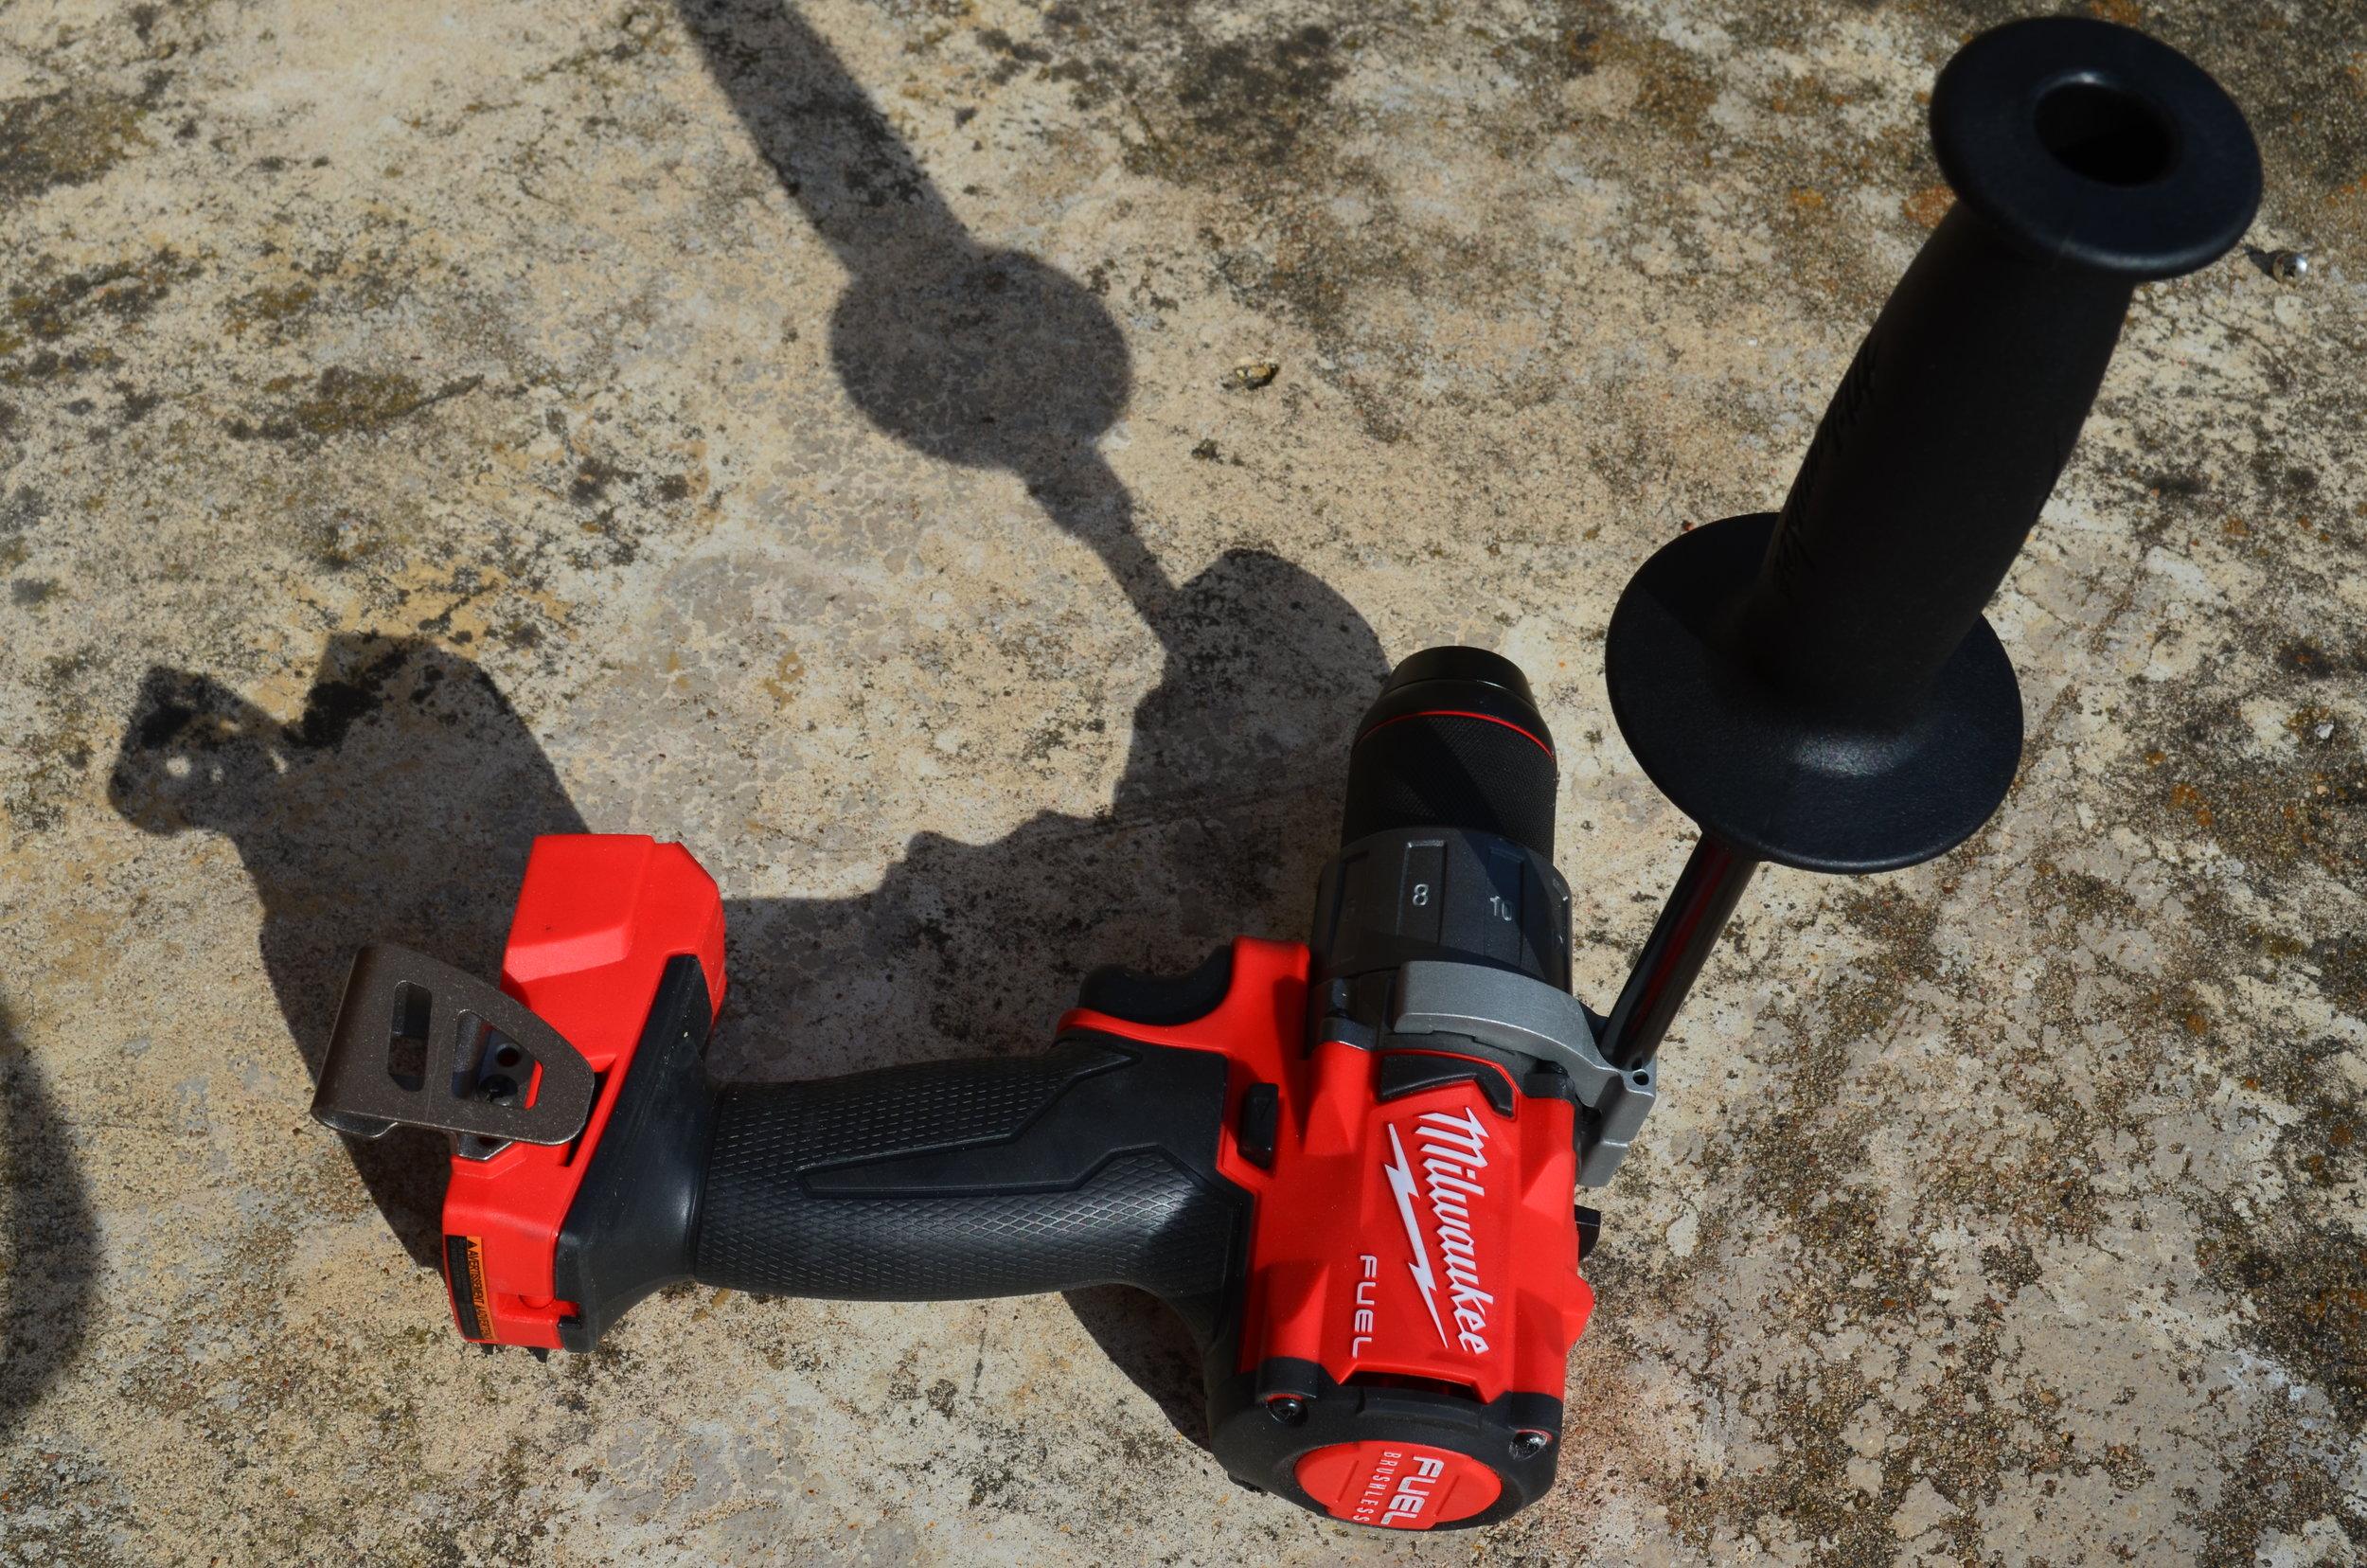 milwaukee-18v-fuel-brushless-hammerdrill-impact-driver-combo-kit